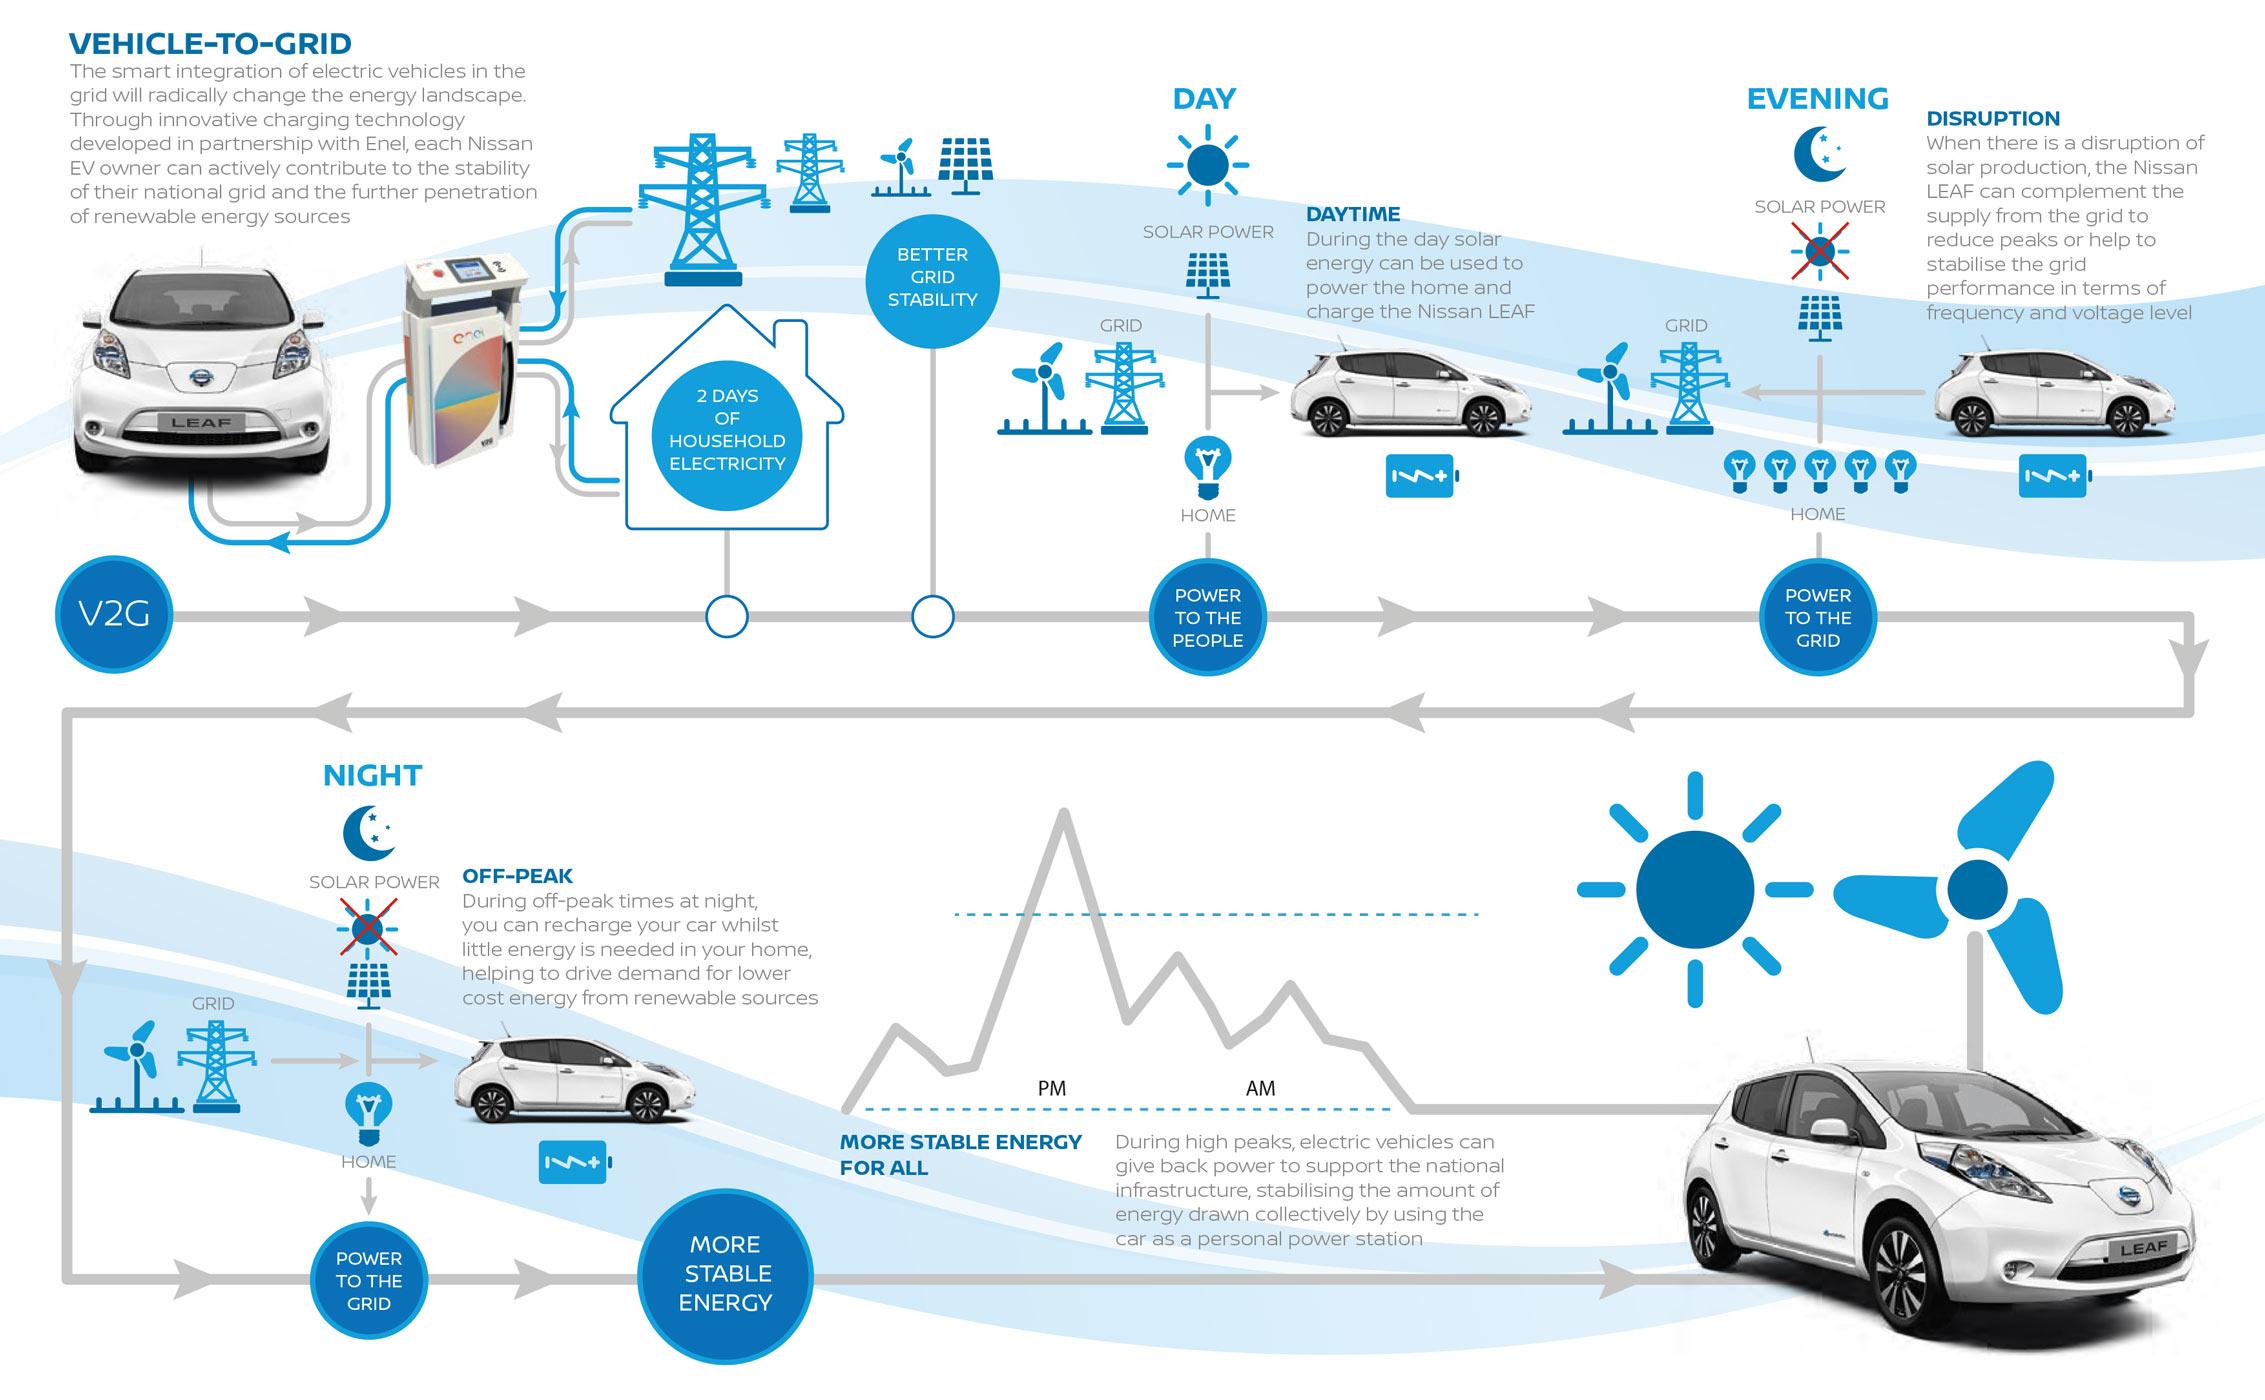 Vehicle-to-Grid einfach erklärt (Video) - ecomento.de